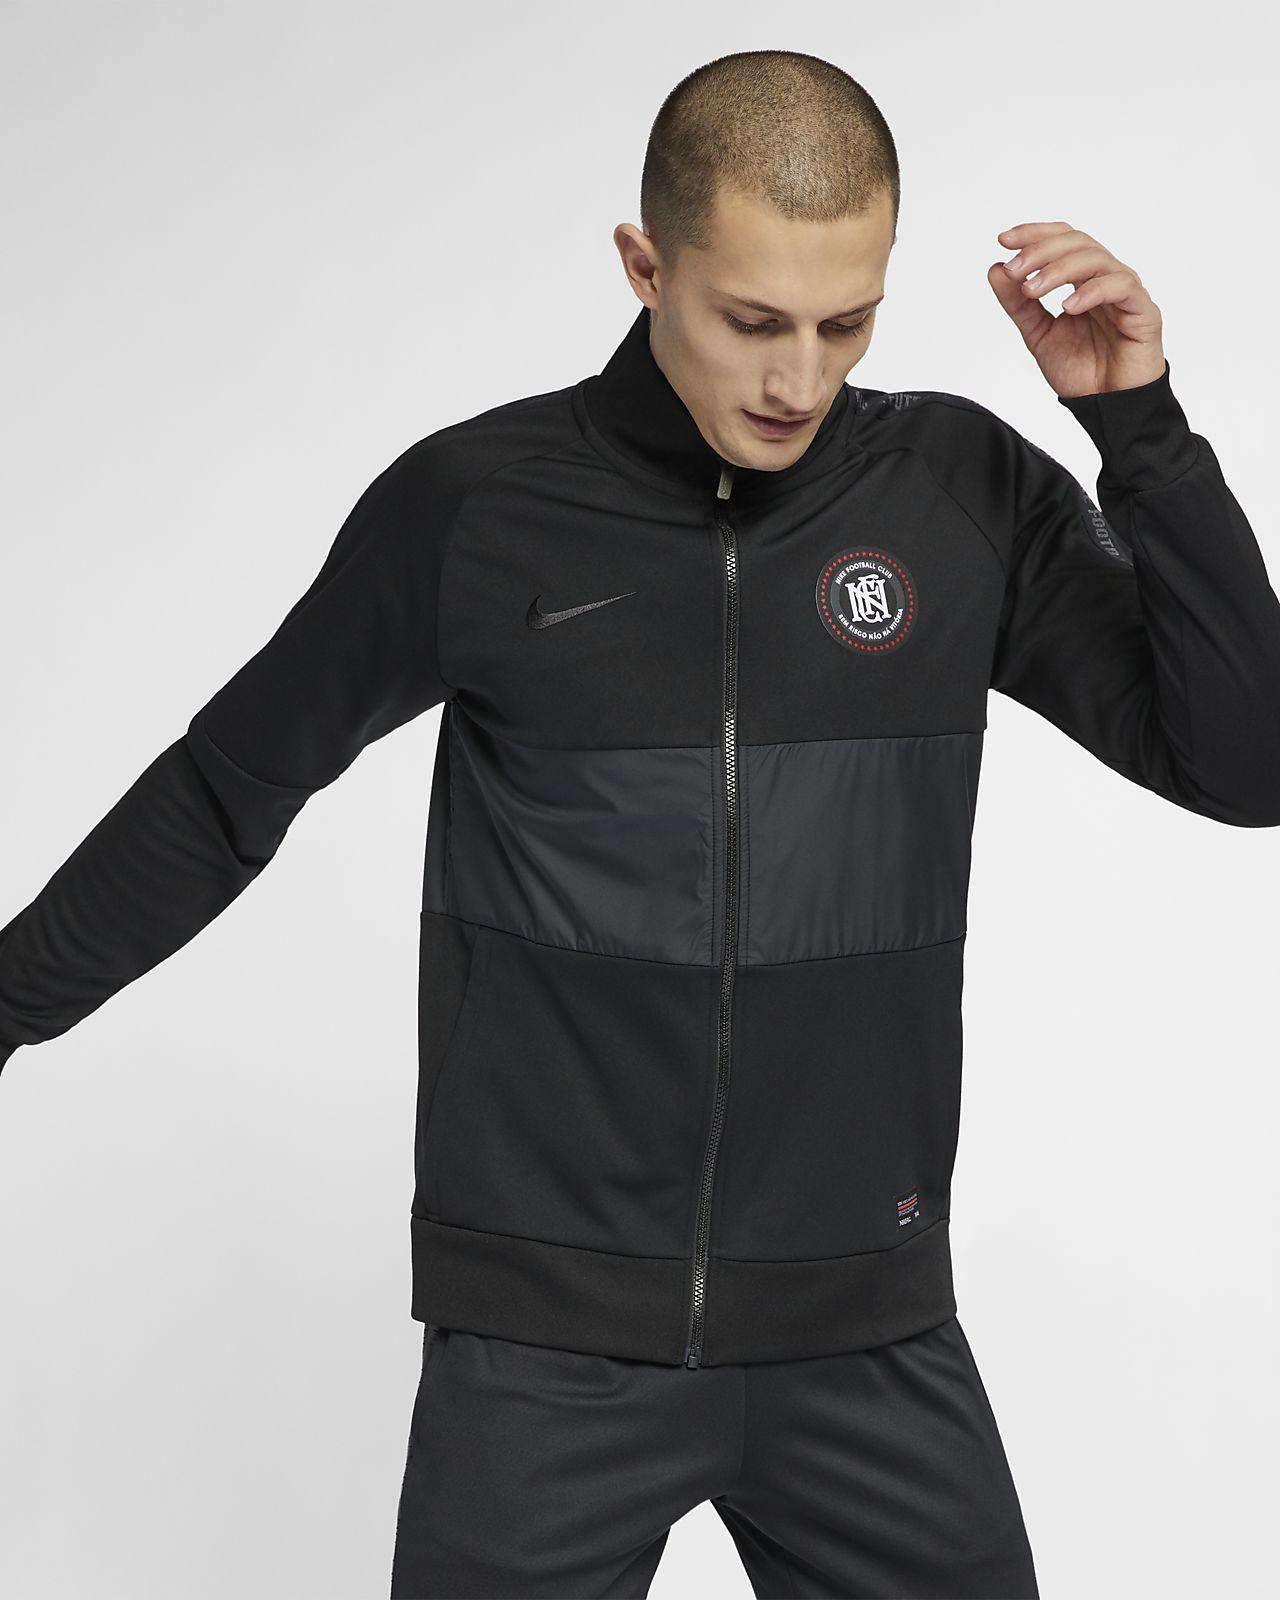 Veste De Survetement De Football Nike F C Pour Homme Nike Com Be